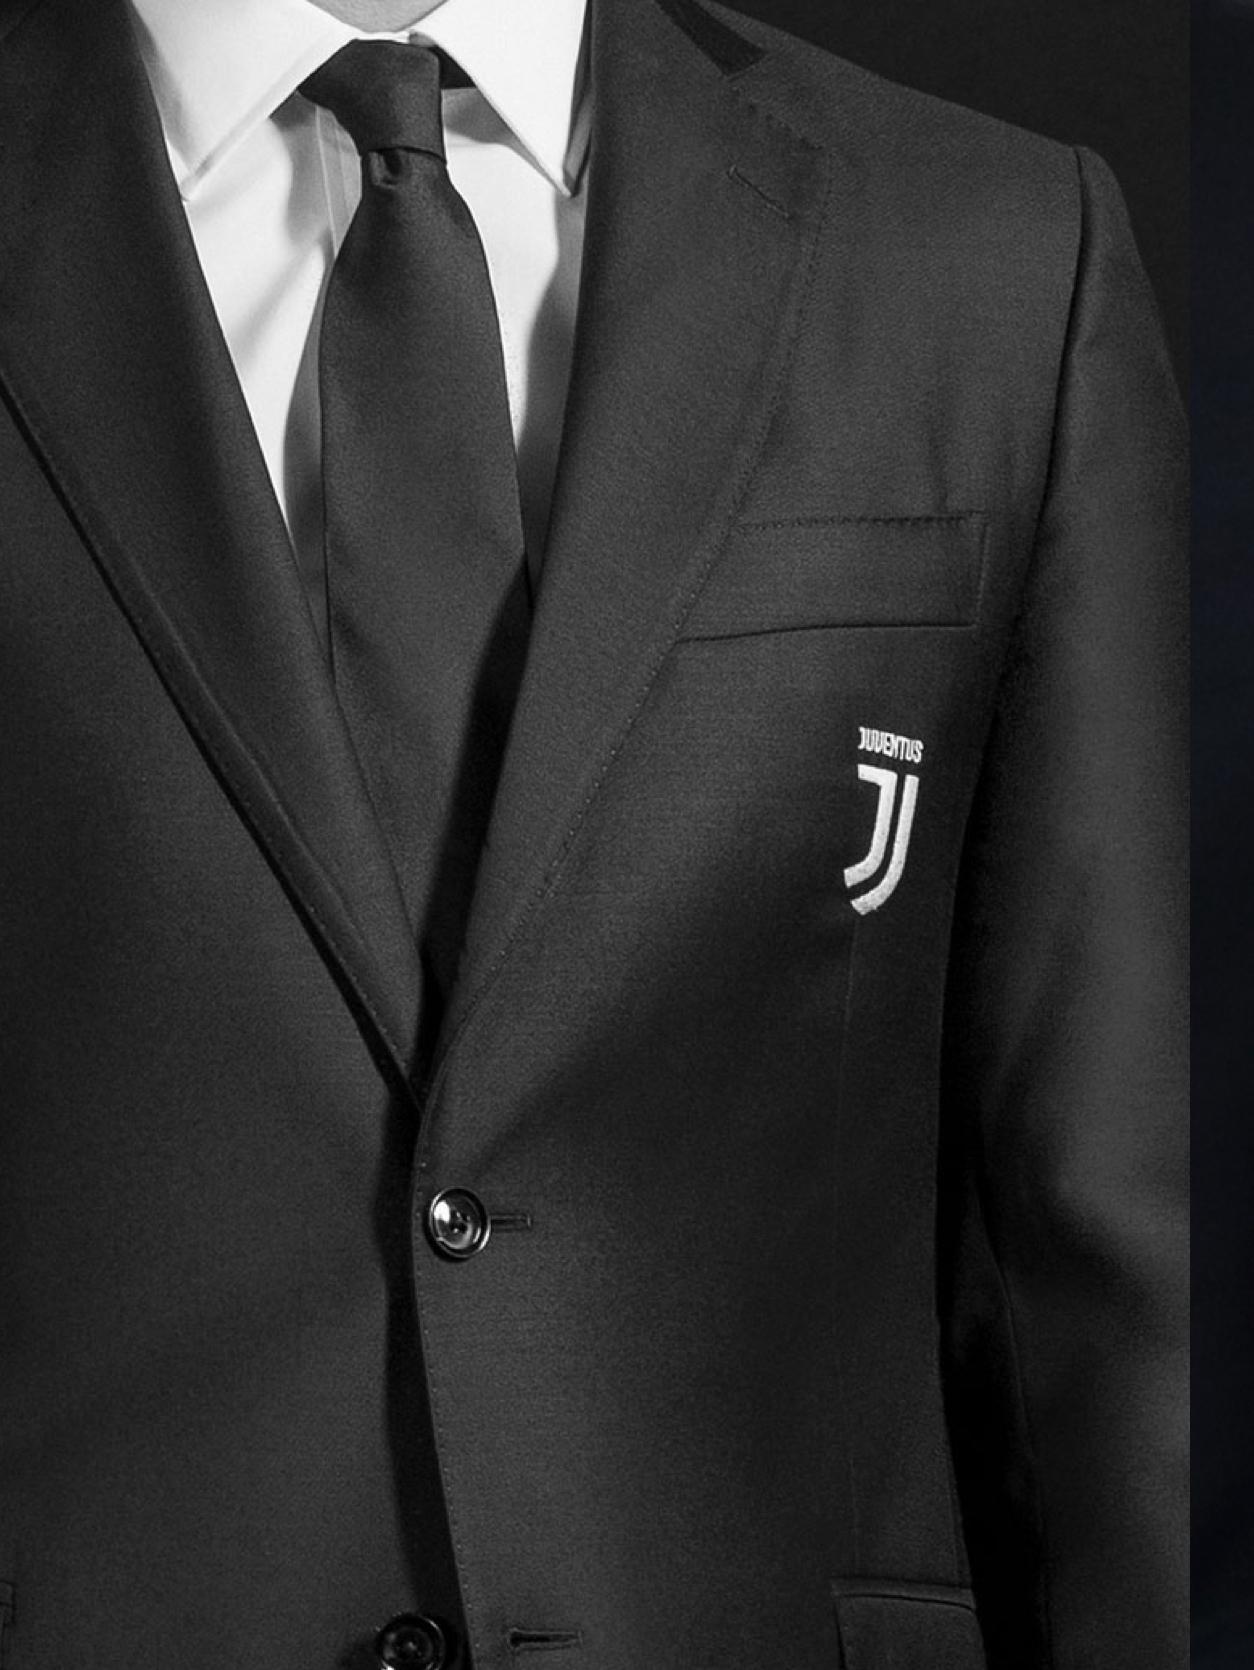 Vestito Elegante Juventus.Partnership Trussardi Juventus 2019 Trussardi